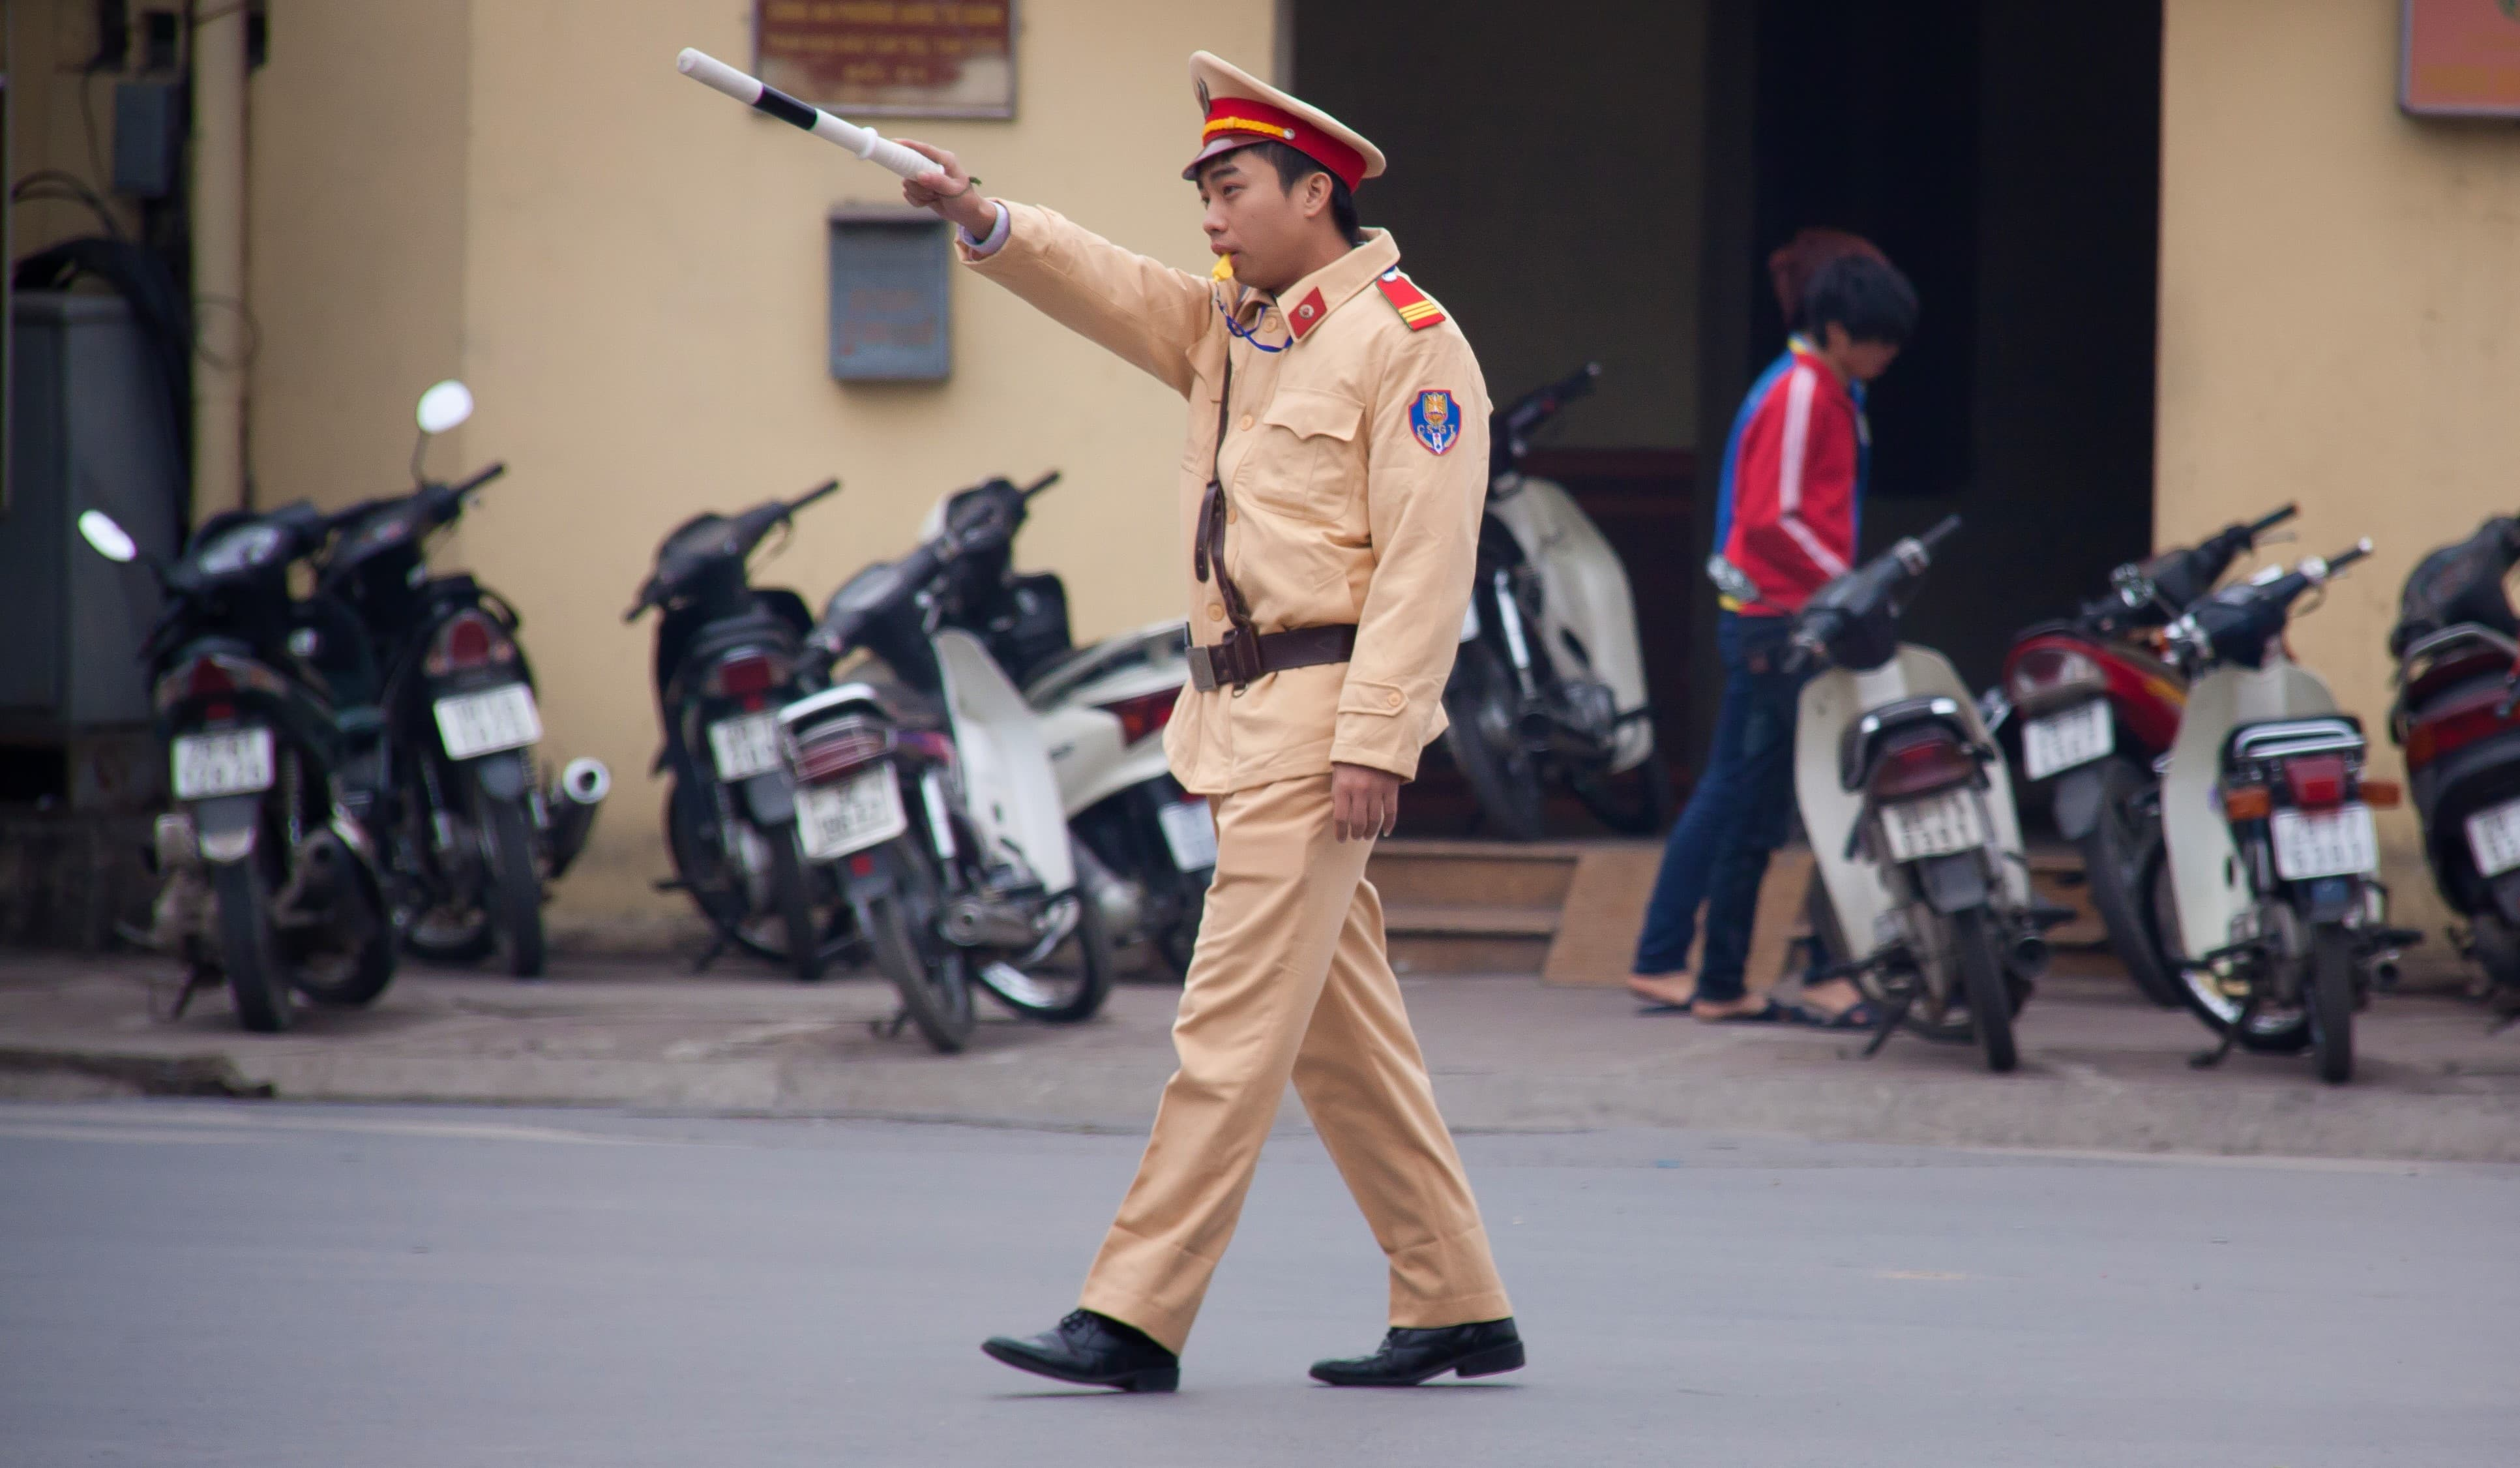 Police officer in Hanoi (Photo: Chris Goldberg/Flickr)